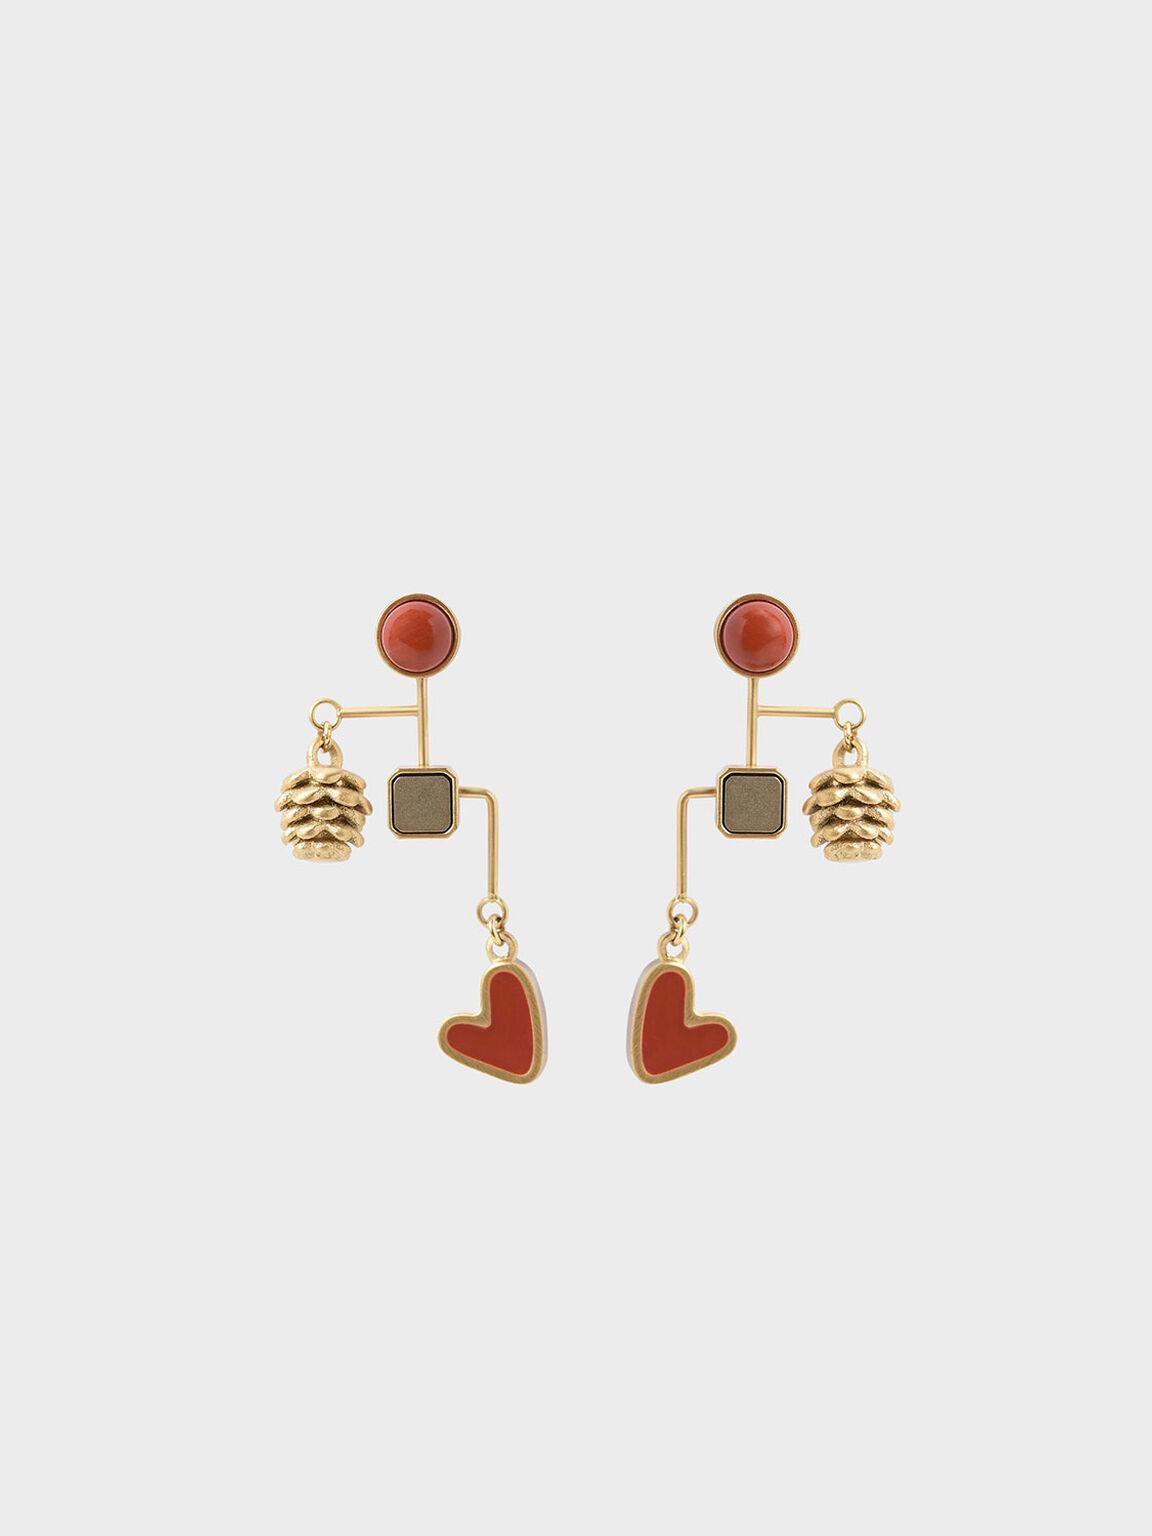 紅碧玉垂墜松果耳釘, 金色, hi-res